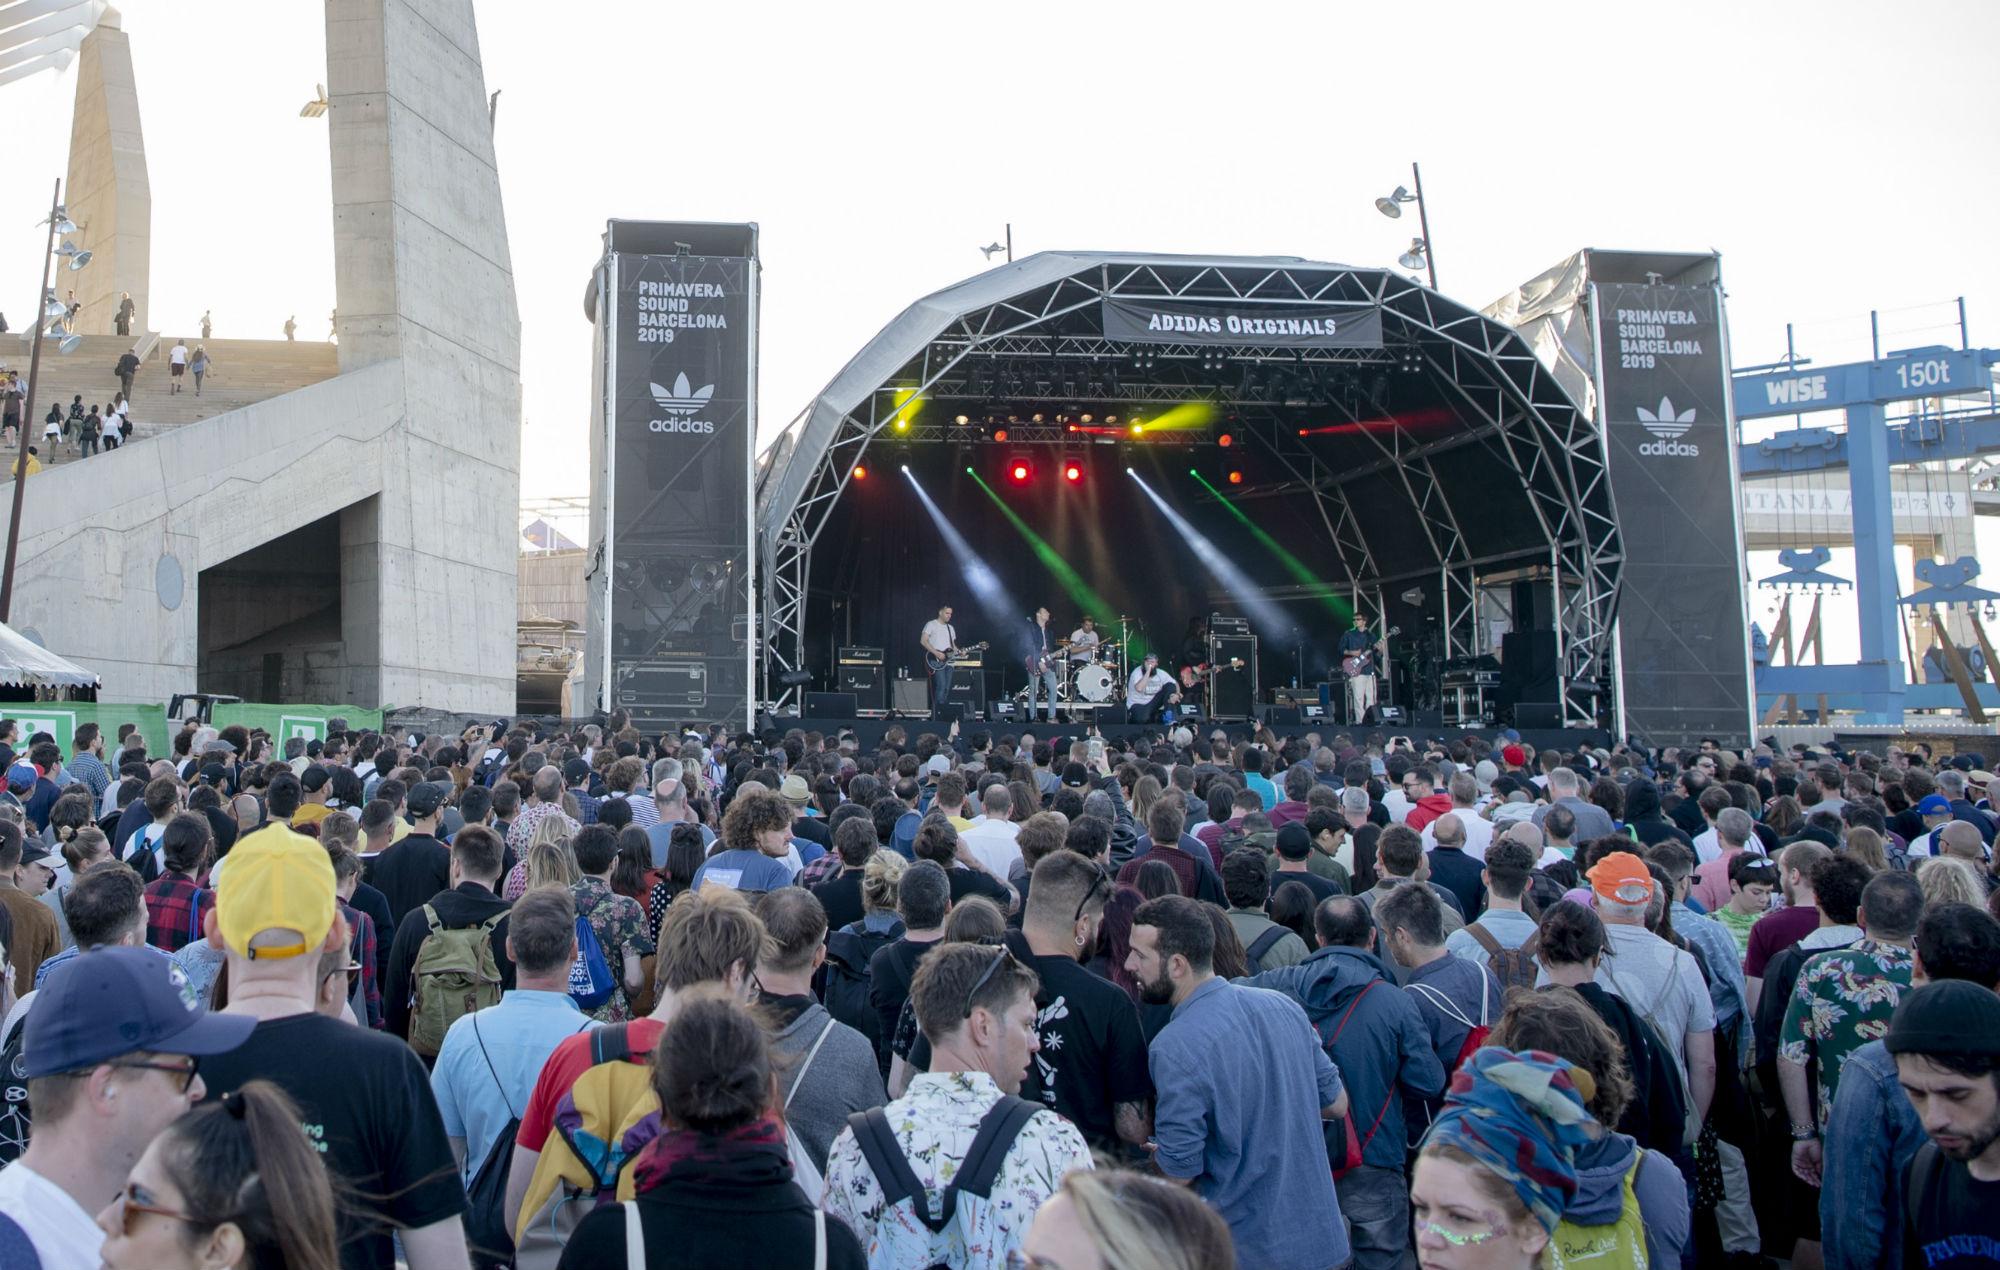 Hombre ocupado estético  Primavera Sound Festival announce 2021 line-up